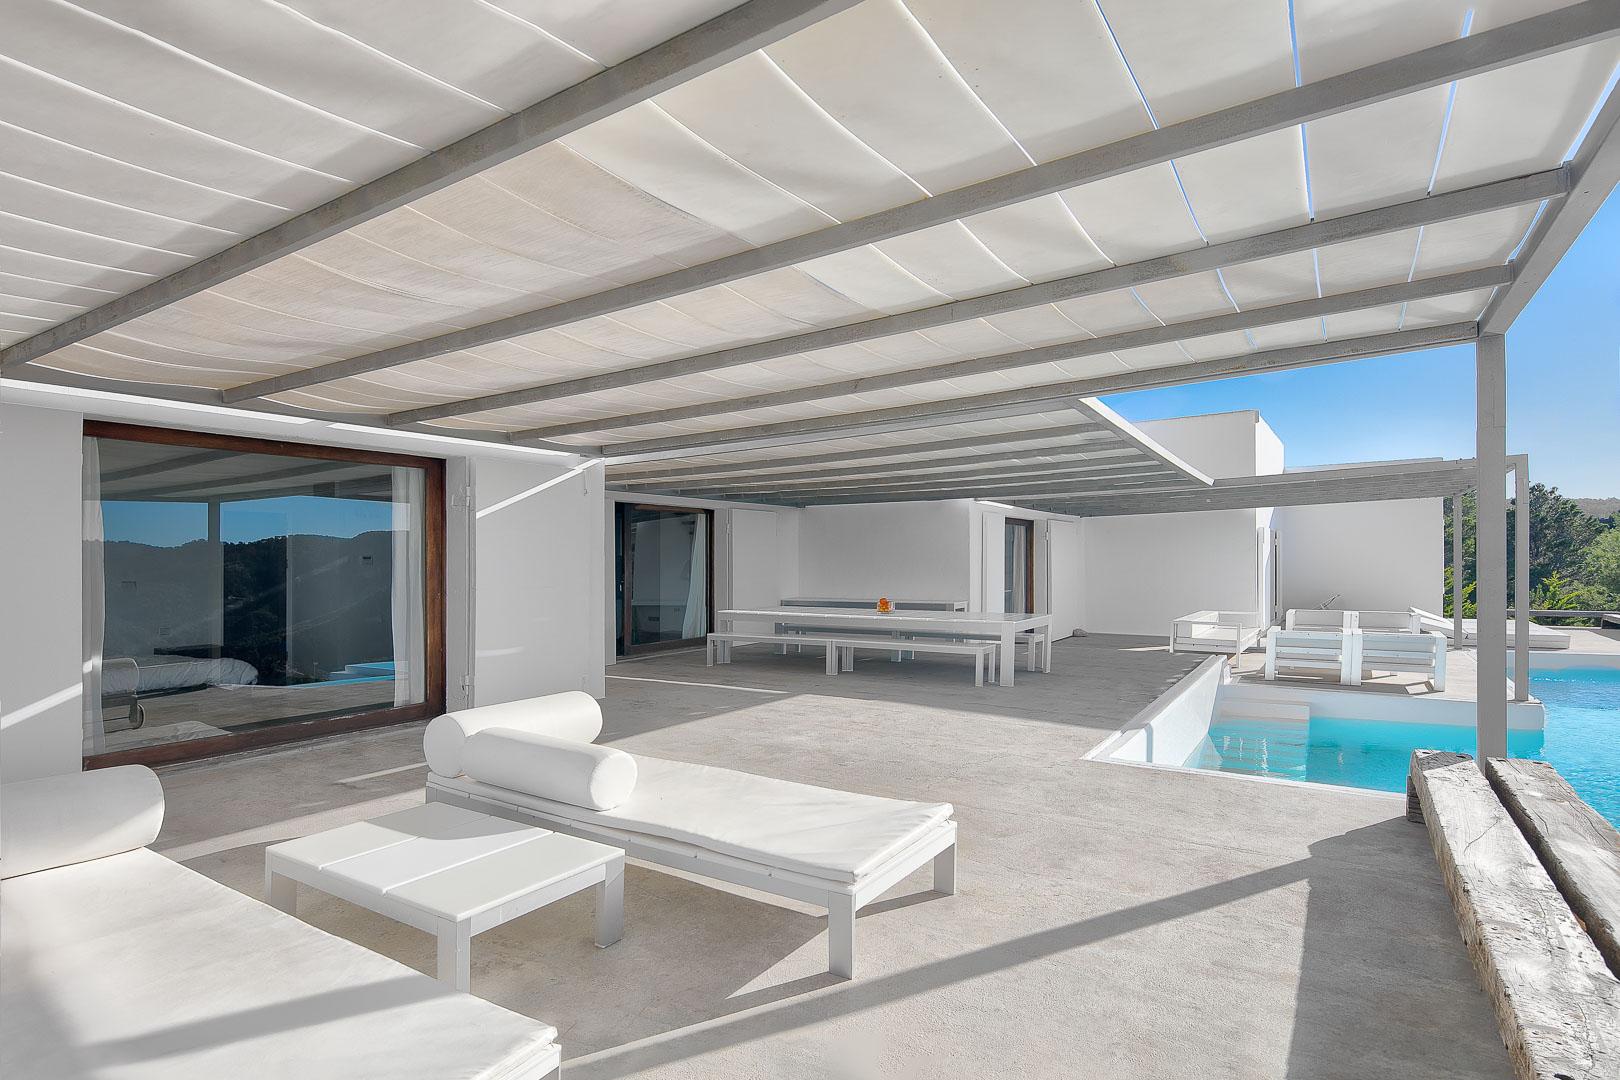 fotografía exterior real estate villa privada de la piscina en Ibiza